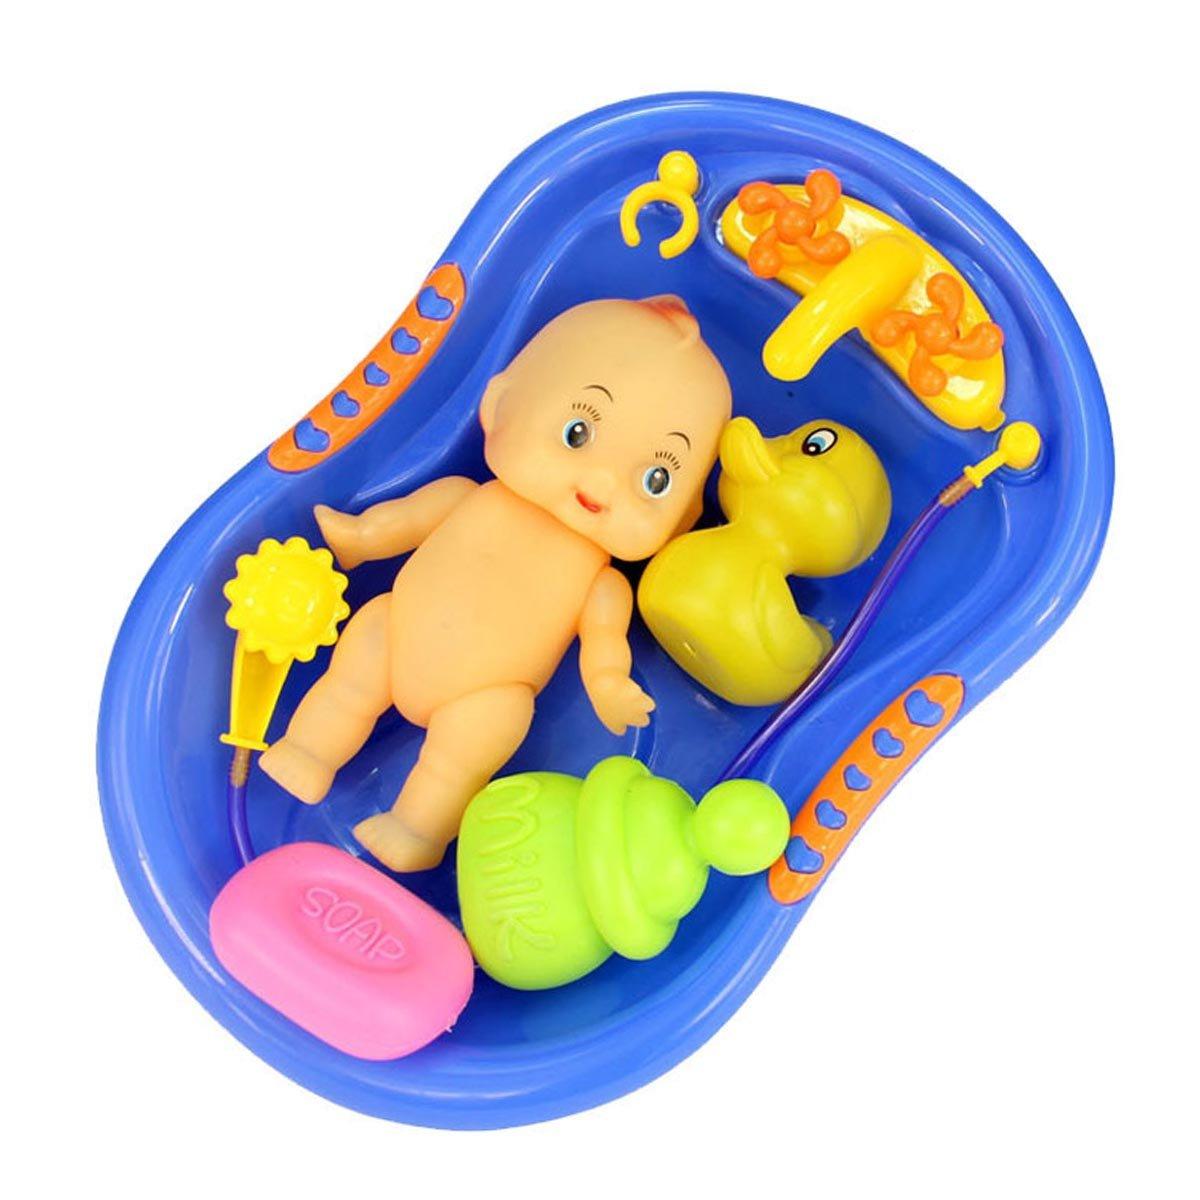 Vococal - 6 piezas Muñeca Bebé Plástico en Bañera Tina de Baño con Set de Accesorios de Ducha / Finja el Juego Juguete para Kid Niños, Color al Azar